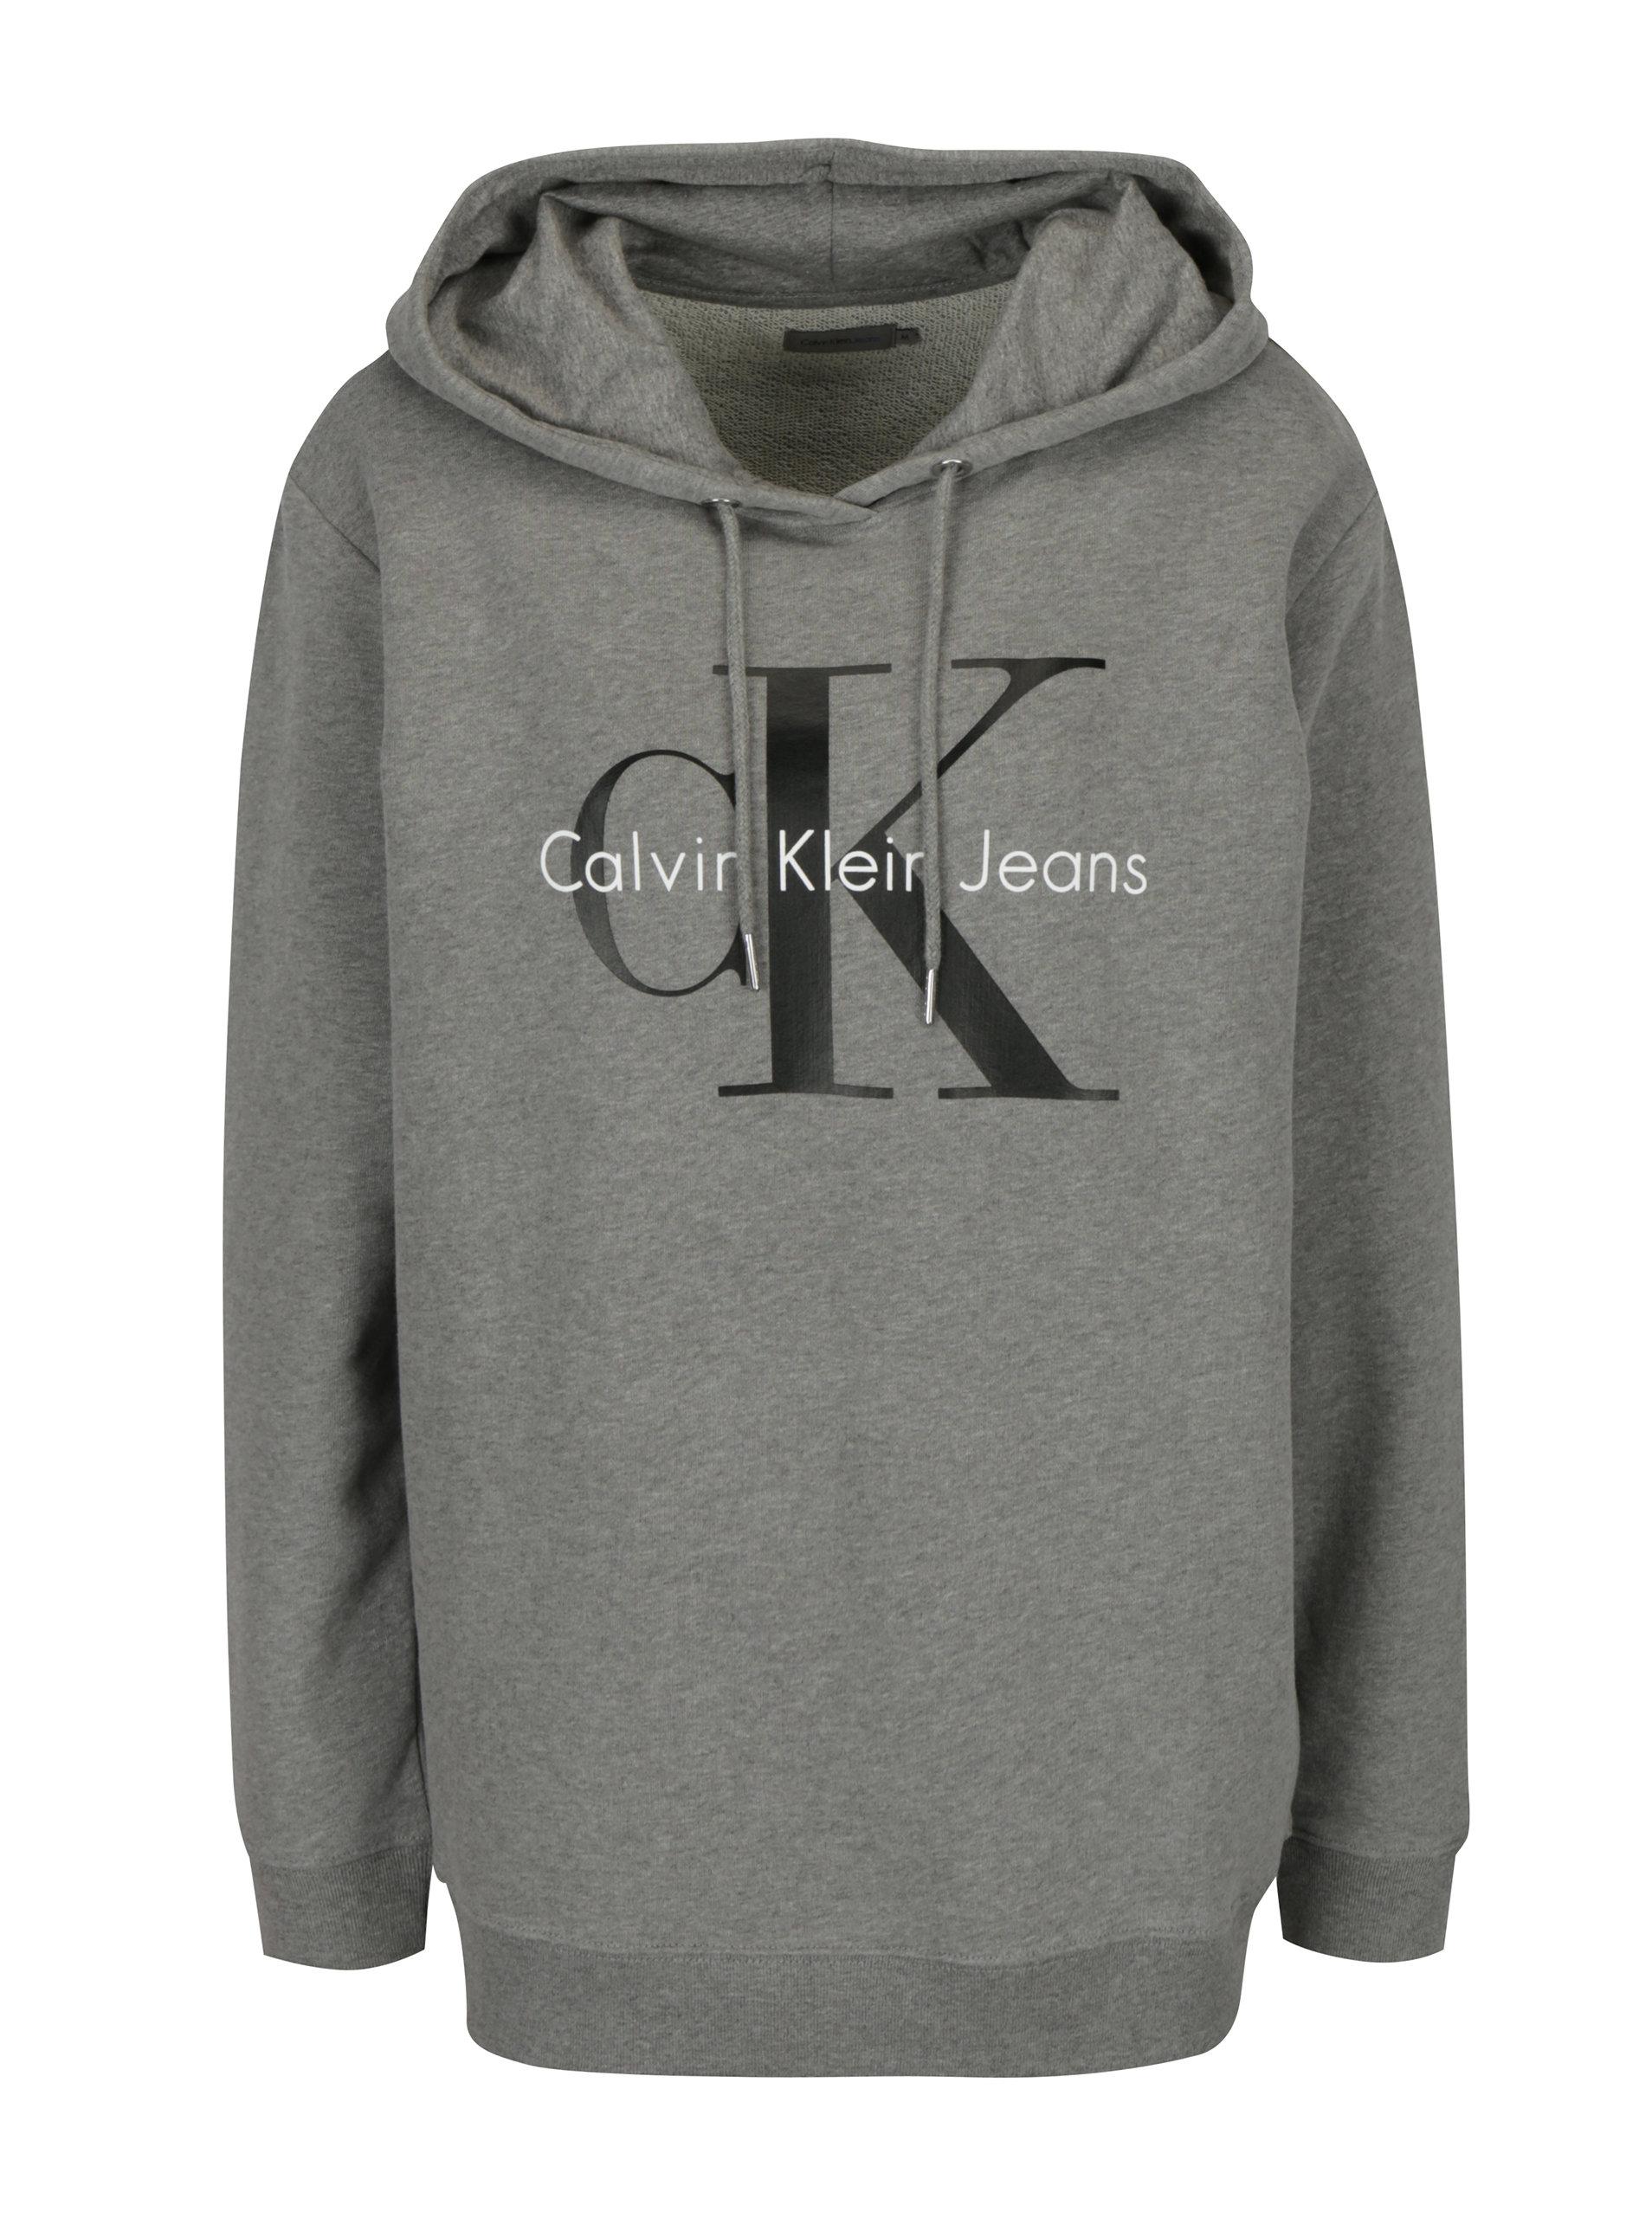 Šedá dámská mikina s kapucí a potiskem Calvin Klein Jeans ... becb6a5410